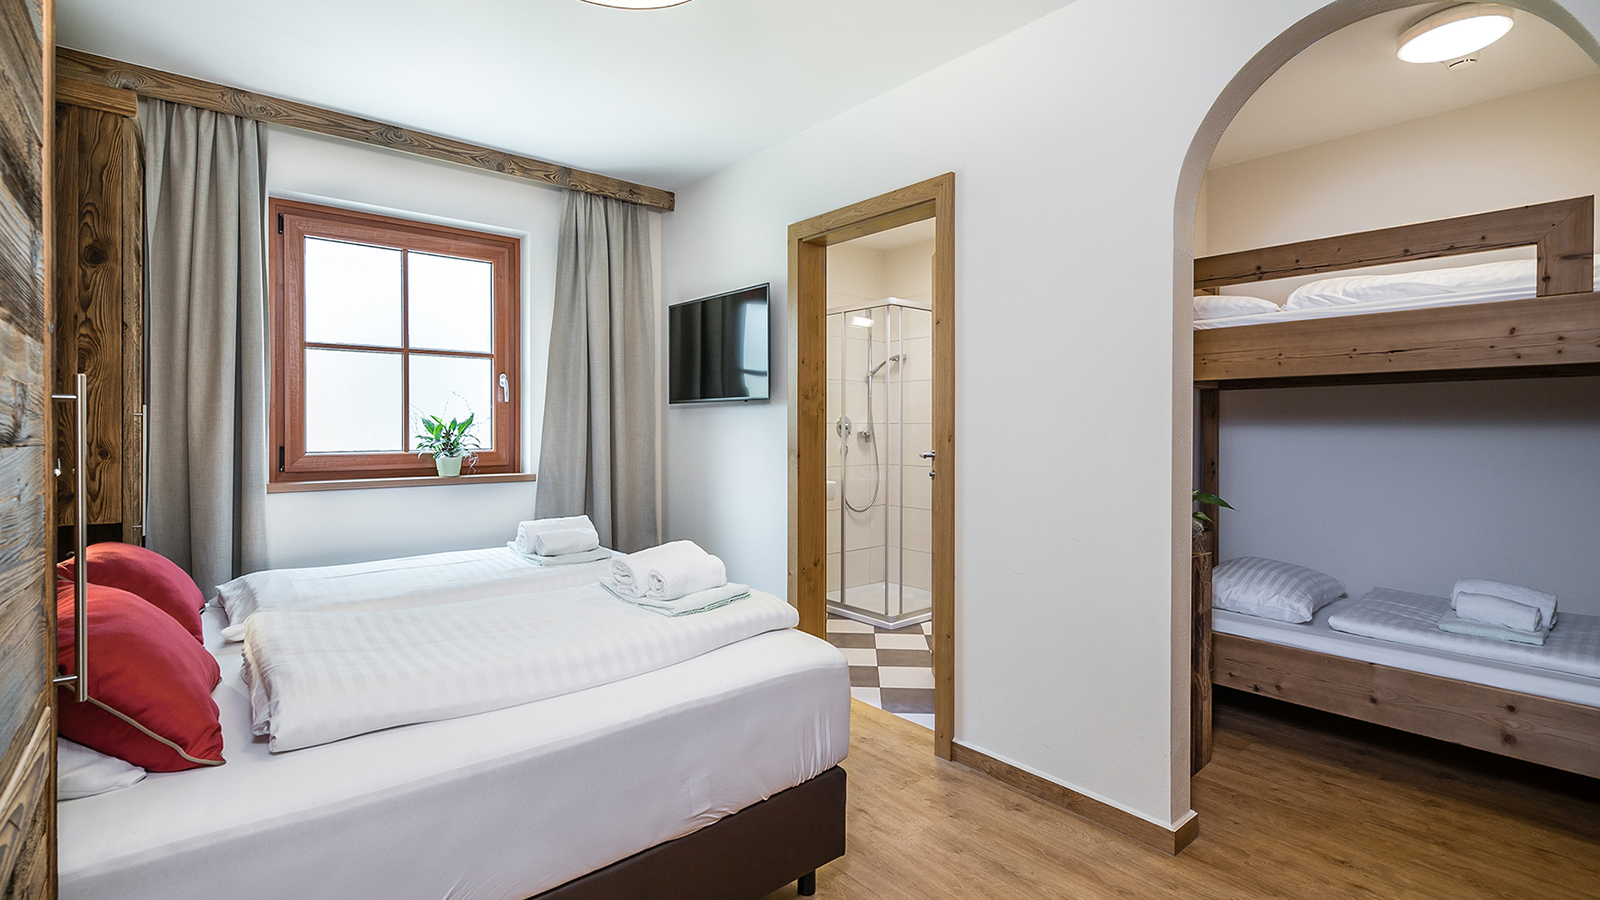 Glacier Apartments Apartments, Austria